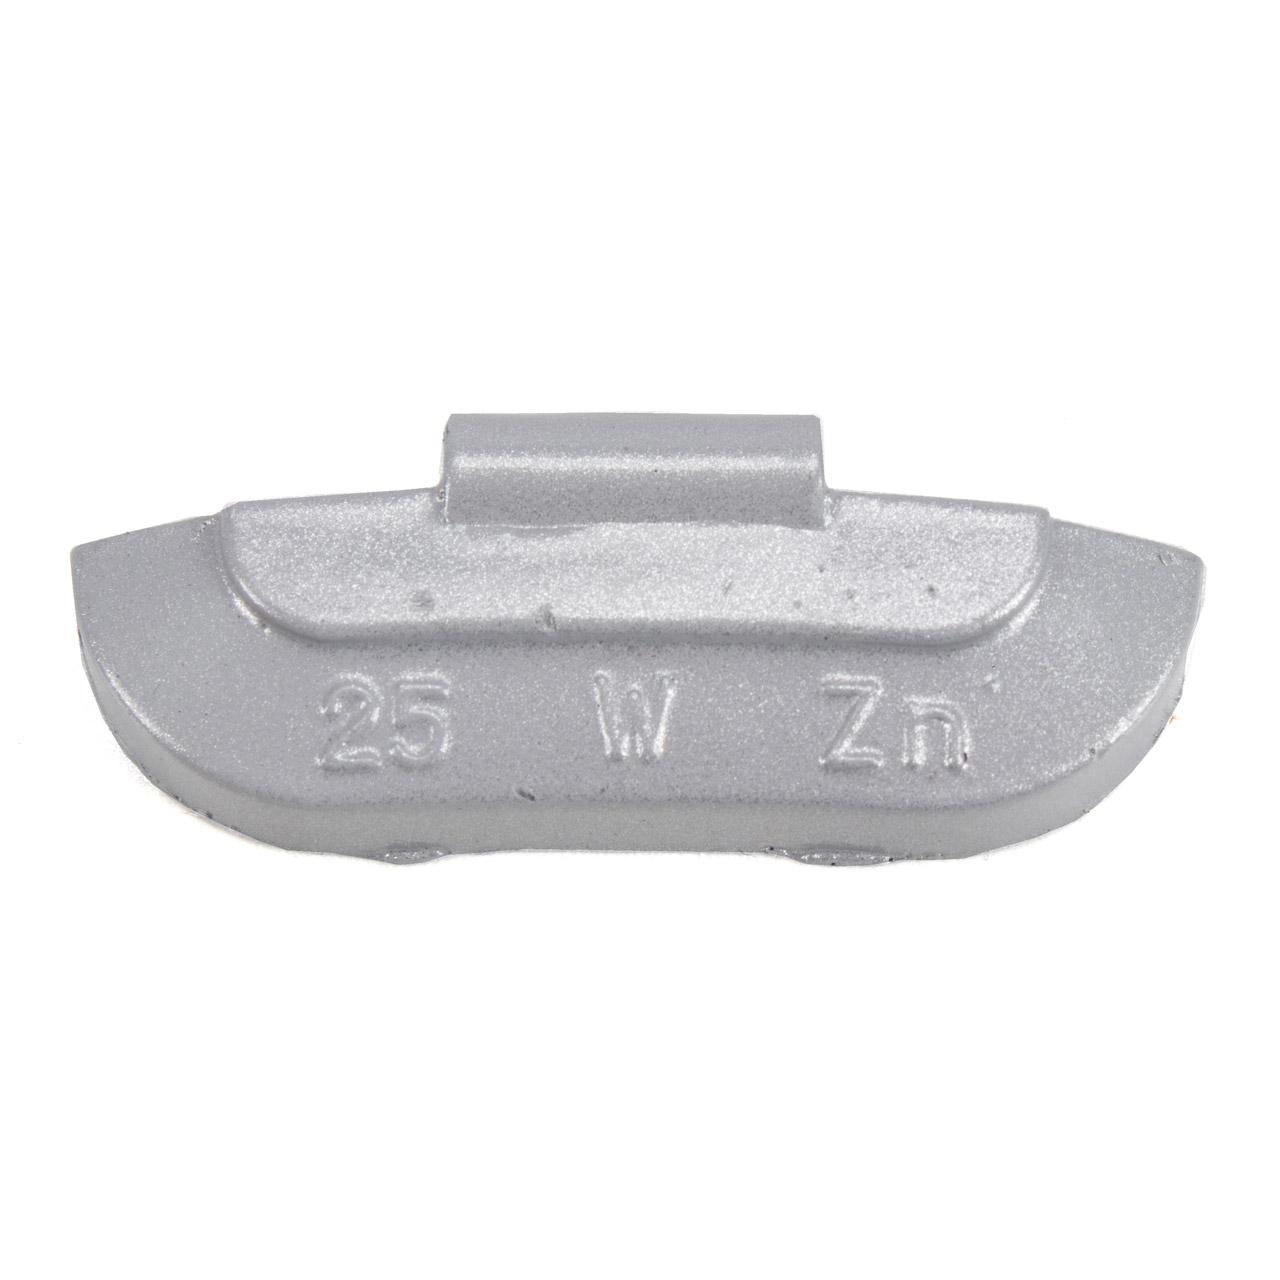 GEMATIC Auswuchtgewicht Schlaggewicht für Stahlfelge GRAU-ZINK 100 Stück x 25g